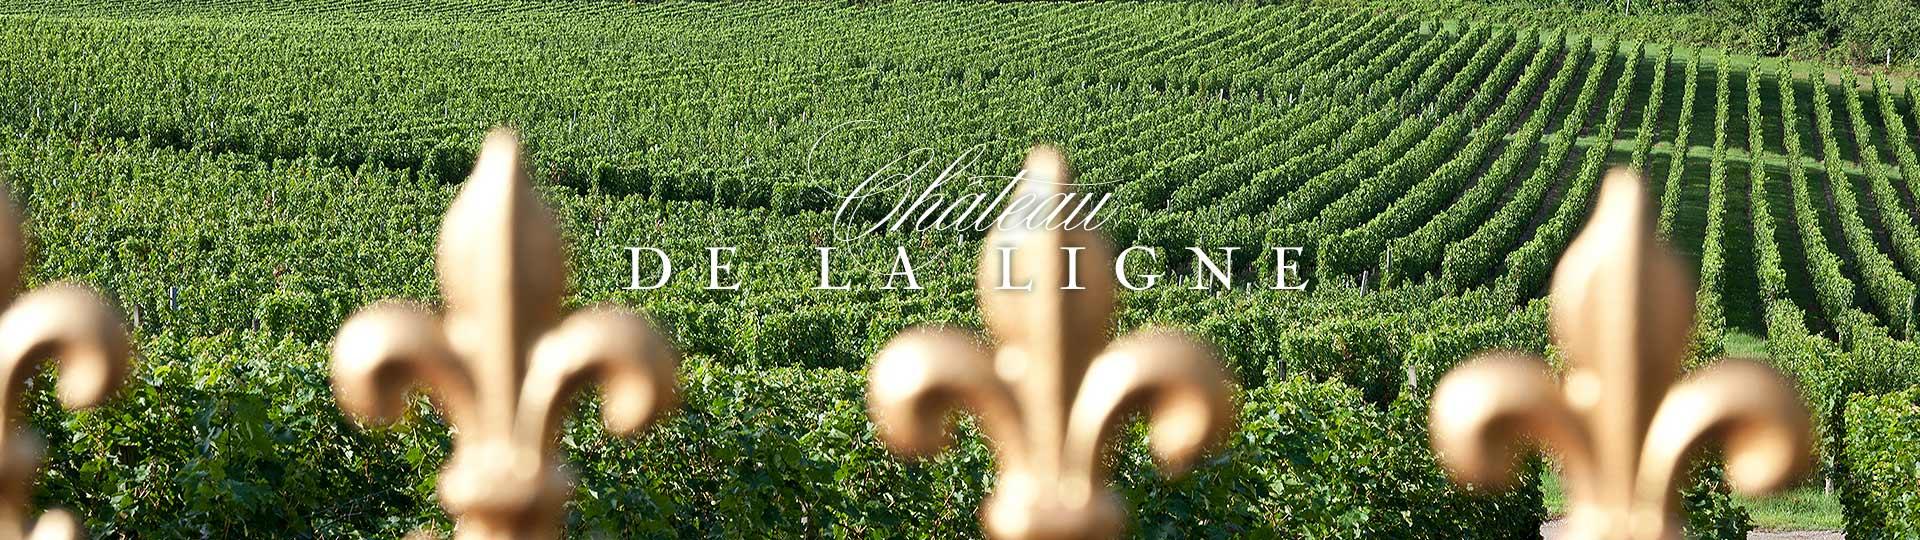 New Web Design Client: Château de La Ligne Bordeaux main image